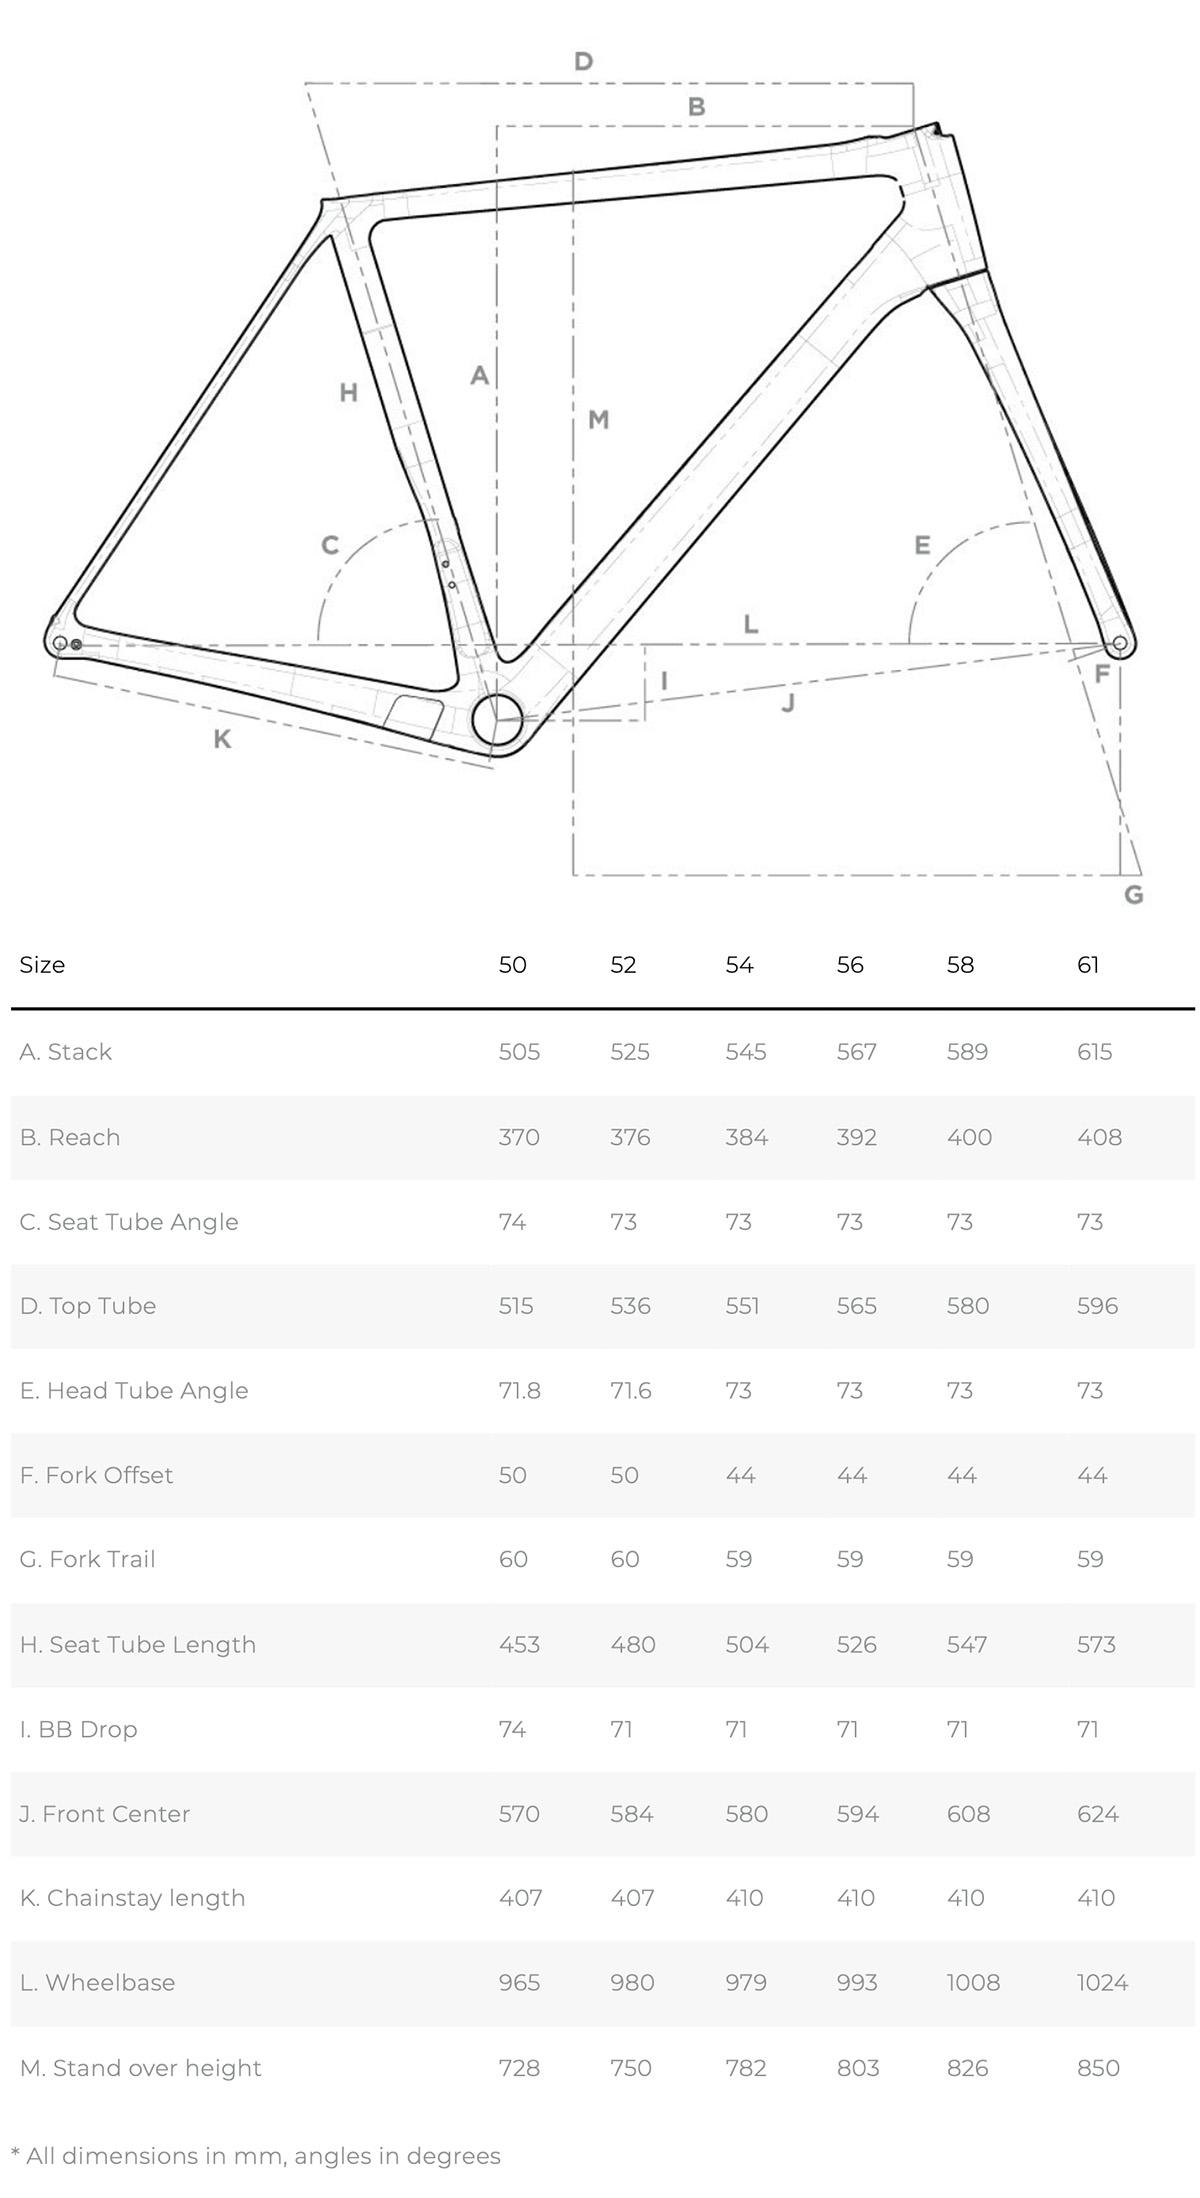 Una tabella descrive le geometrie della Aurum Magma